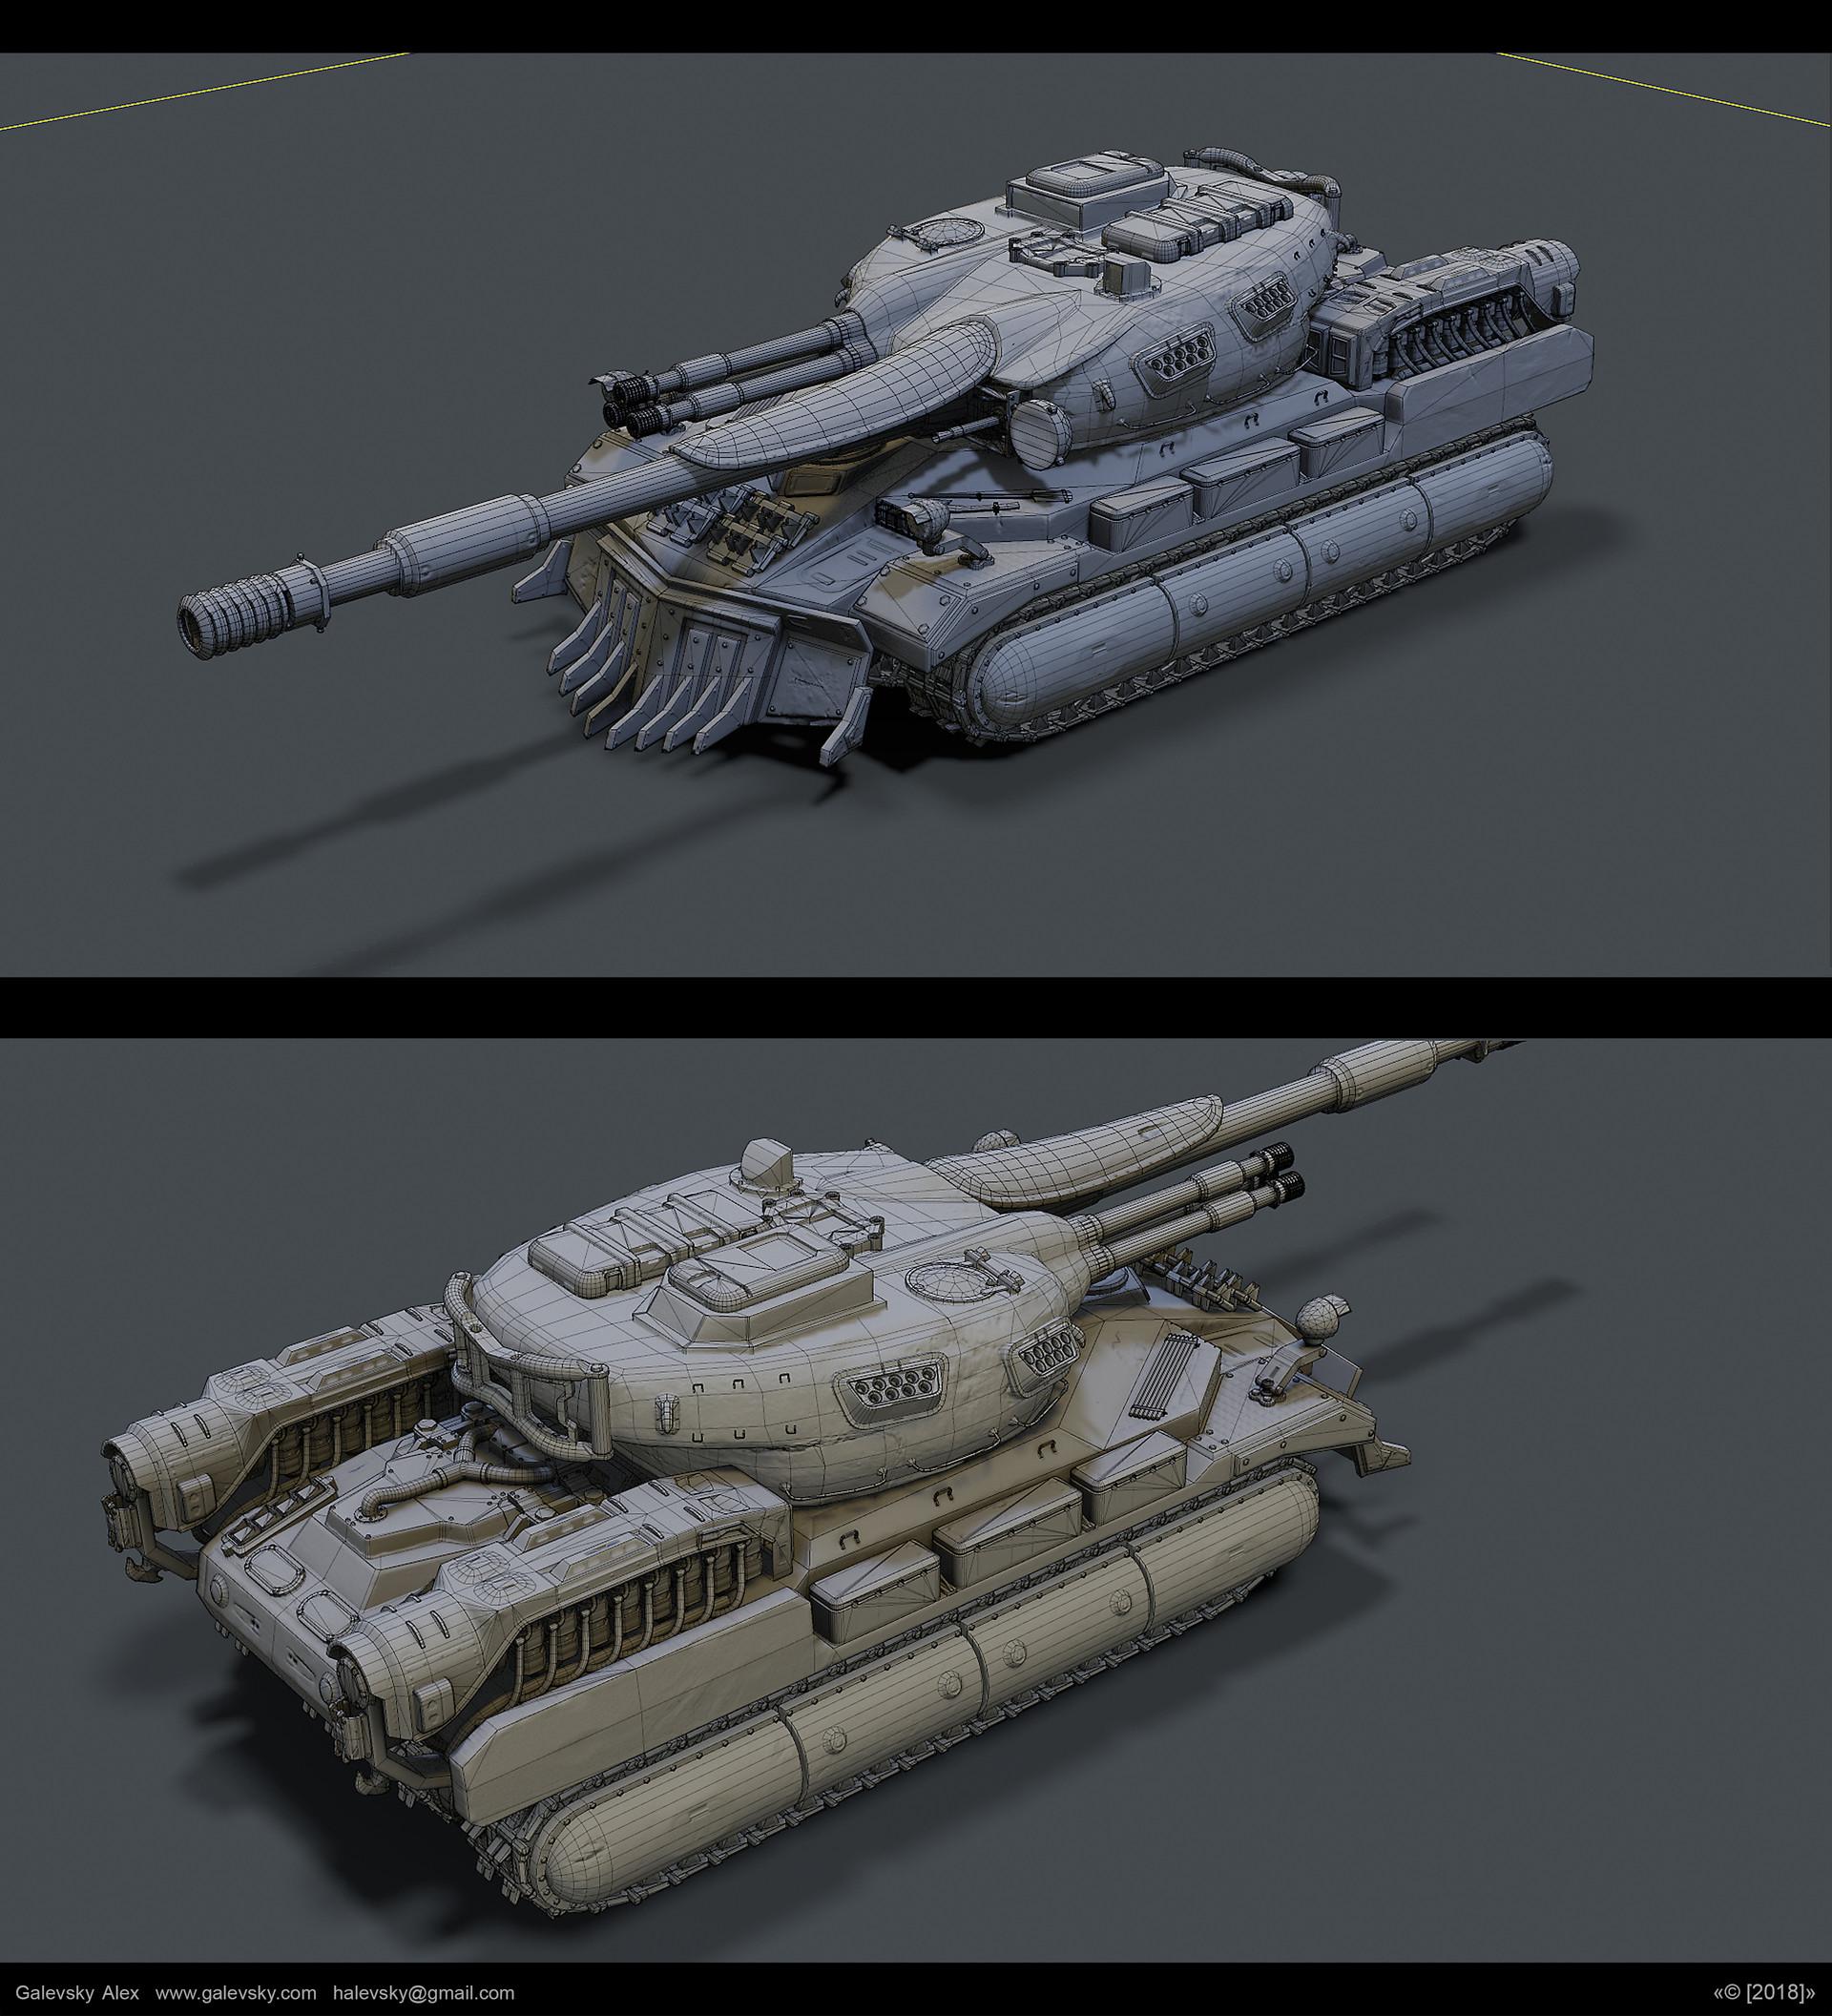 Aleksander galevskyi model 11